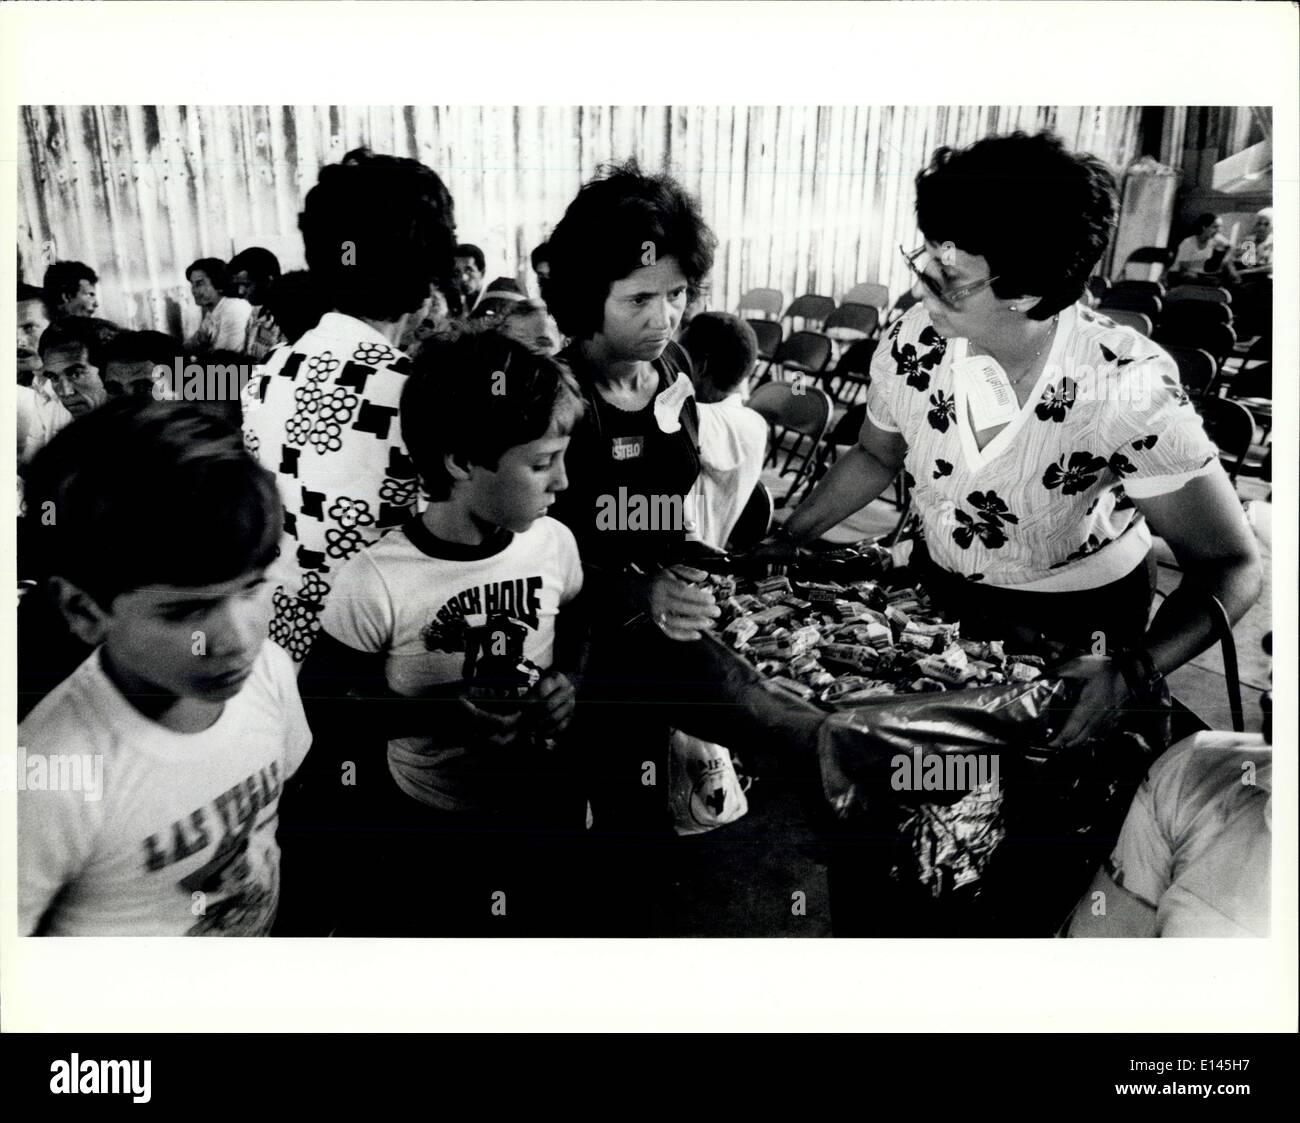 Avril 04, 2012 - Opa Locka: Adultes et Jeunes réfugiés cubains foule autour d'un bénévole qu'elle distribue des bonbons à la personnes en attente de traitement à l'Opa Locka Centre dans la région de Miami. Banque D'Images